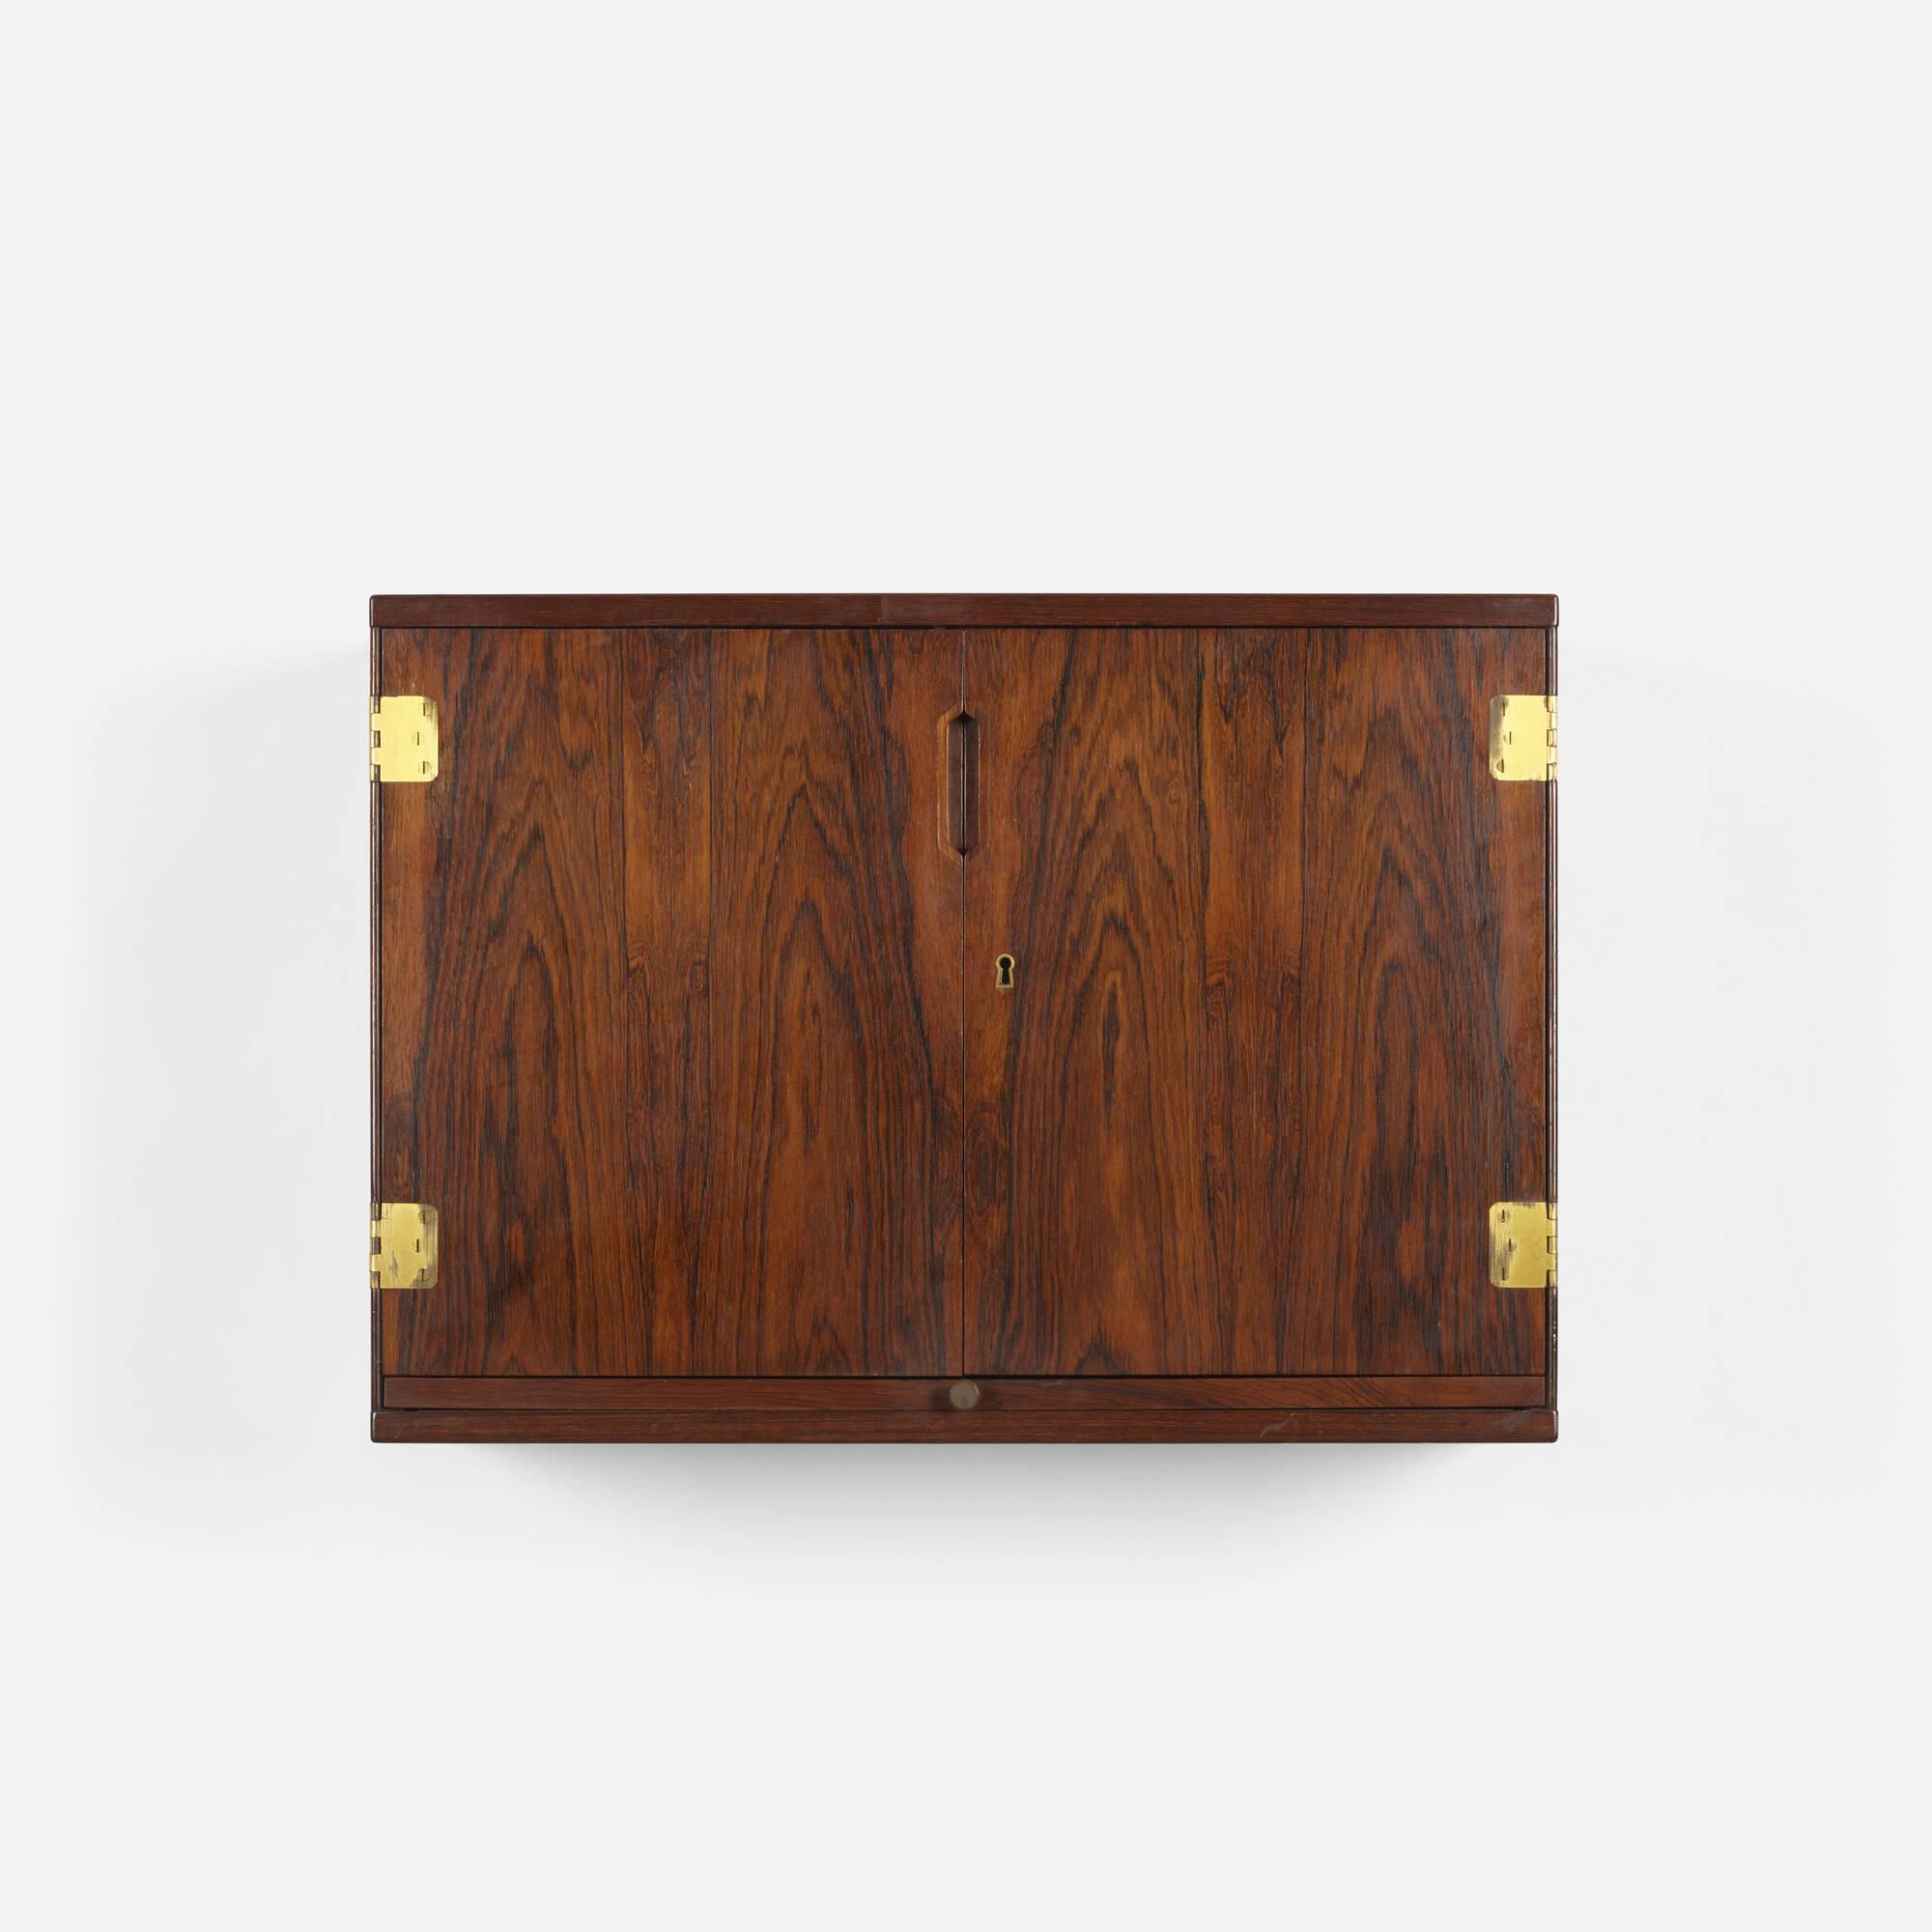 282: Svend Langkilde / hanging bar cabinet (2 of 3)